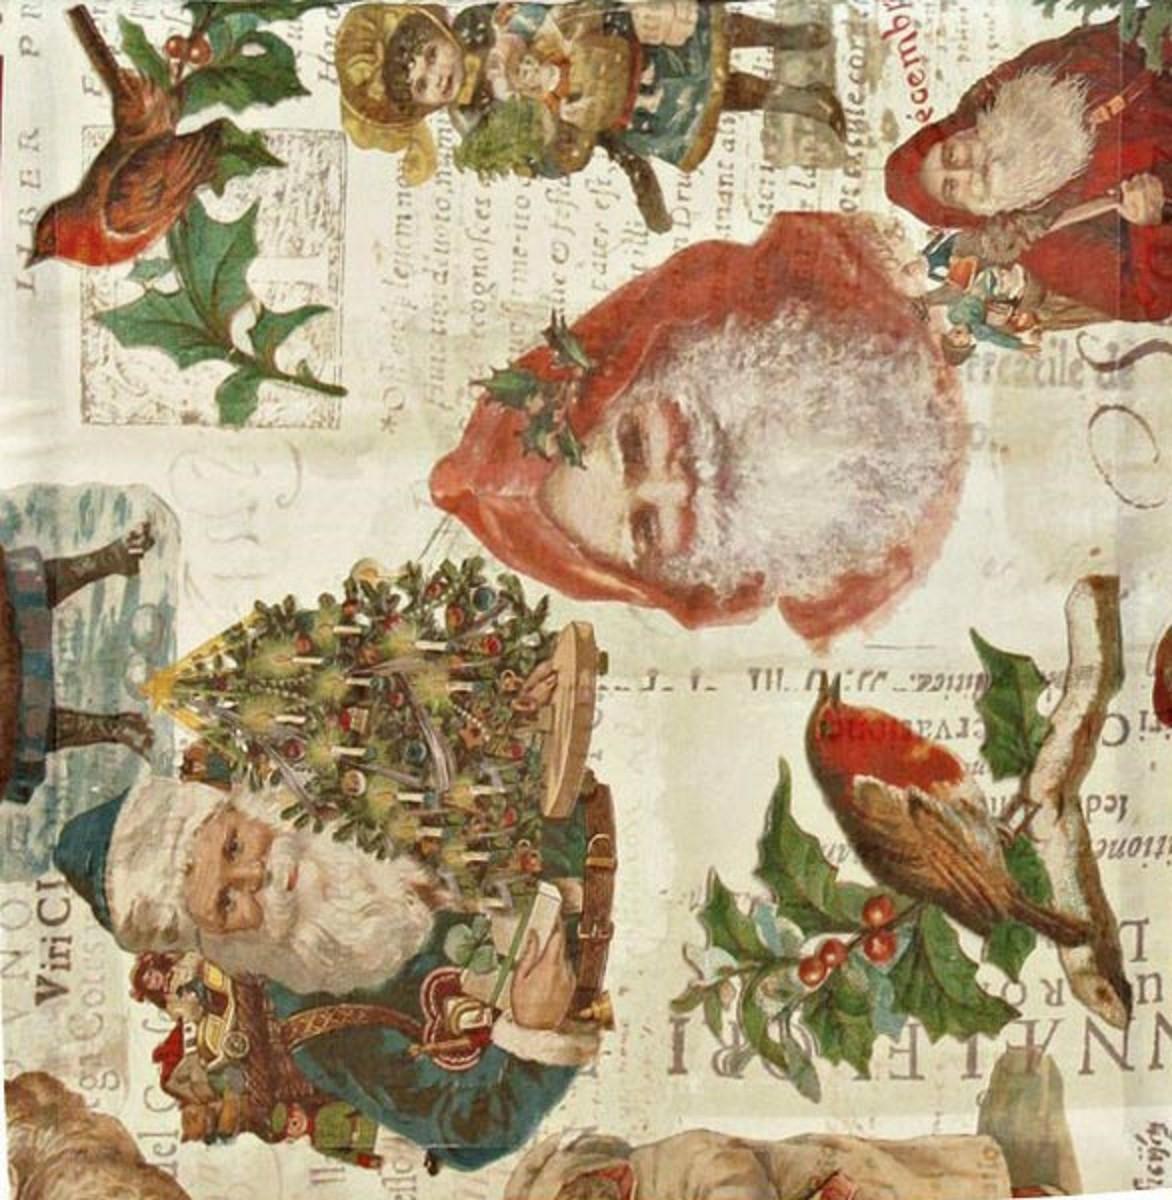 Weihnachten Nostalgisch.Apelt Tischläufer Nostalgische Weihnachten Mit Nikolaus 48 X 135 Cm Kuscheldecken Zierkissen Fensterfolie Fussmatten Teppichläufer